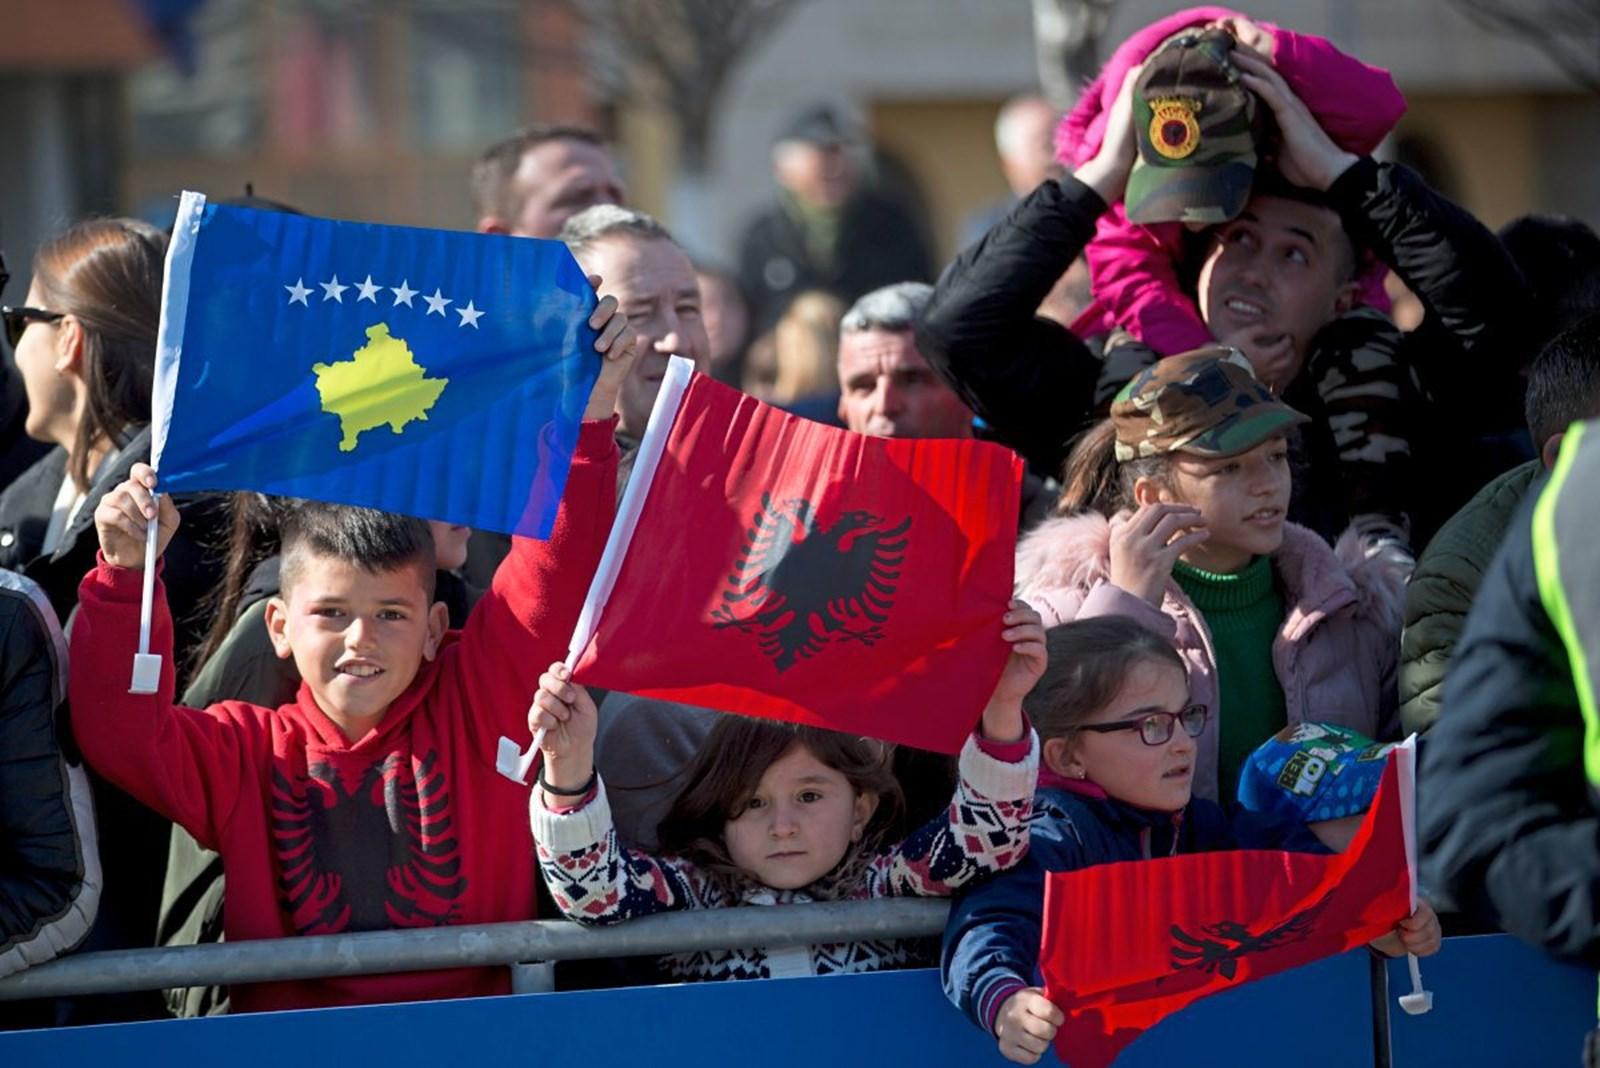 Gazetarja e njohur: Ideja e lindur në takimin Rama-Vuçiç i jep jetë Serbisë së Madhe